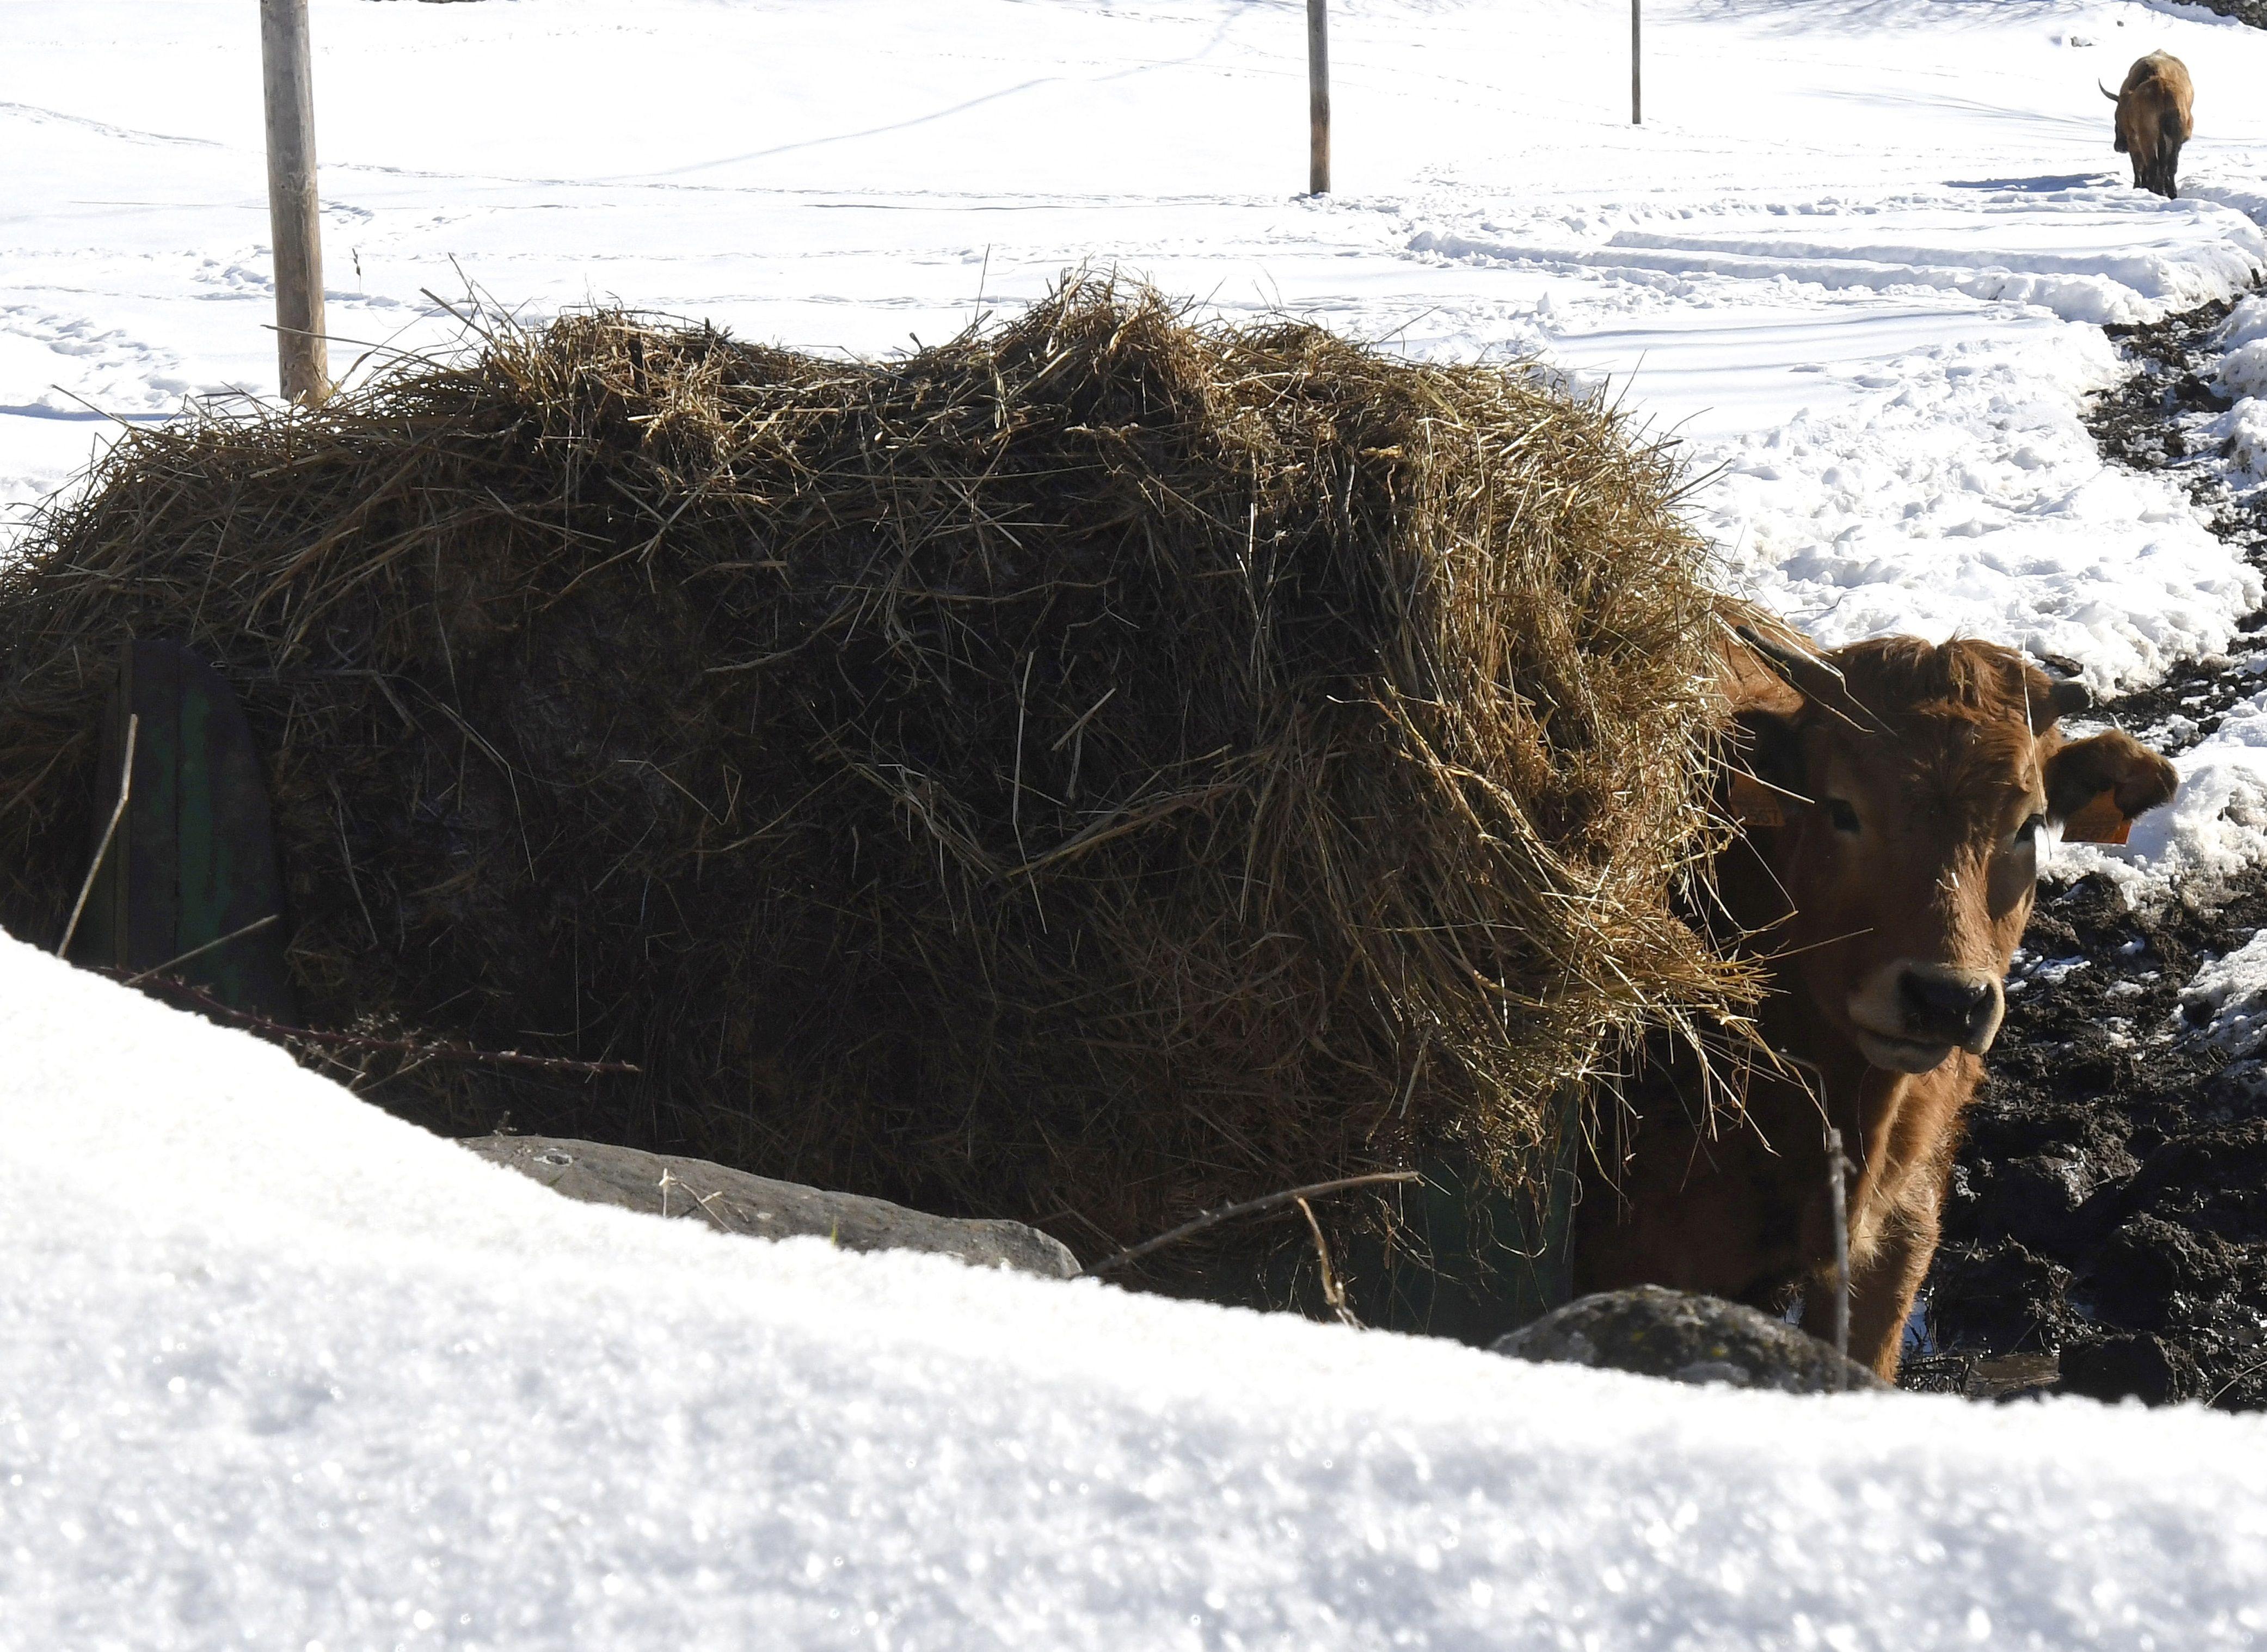 Sosas de Laciana (León) , zona afectada por el temporal de nieve y frío